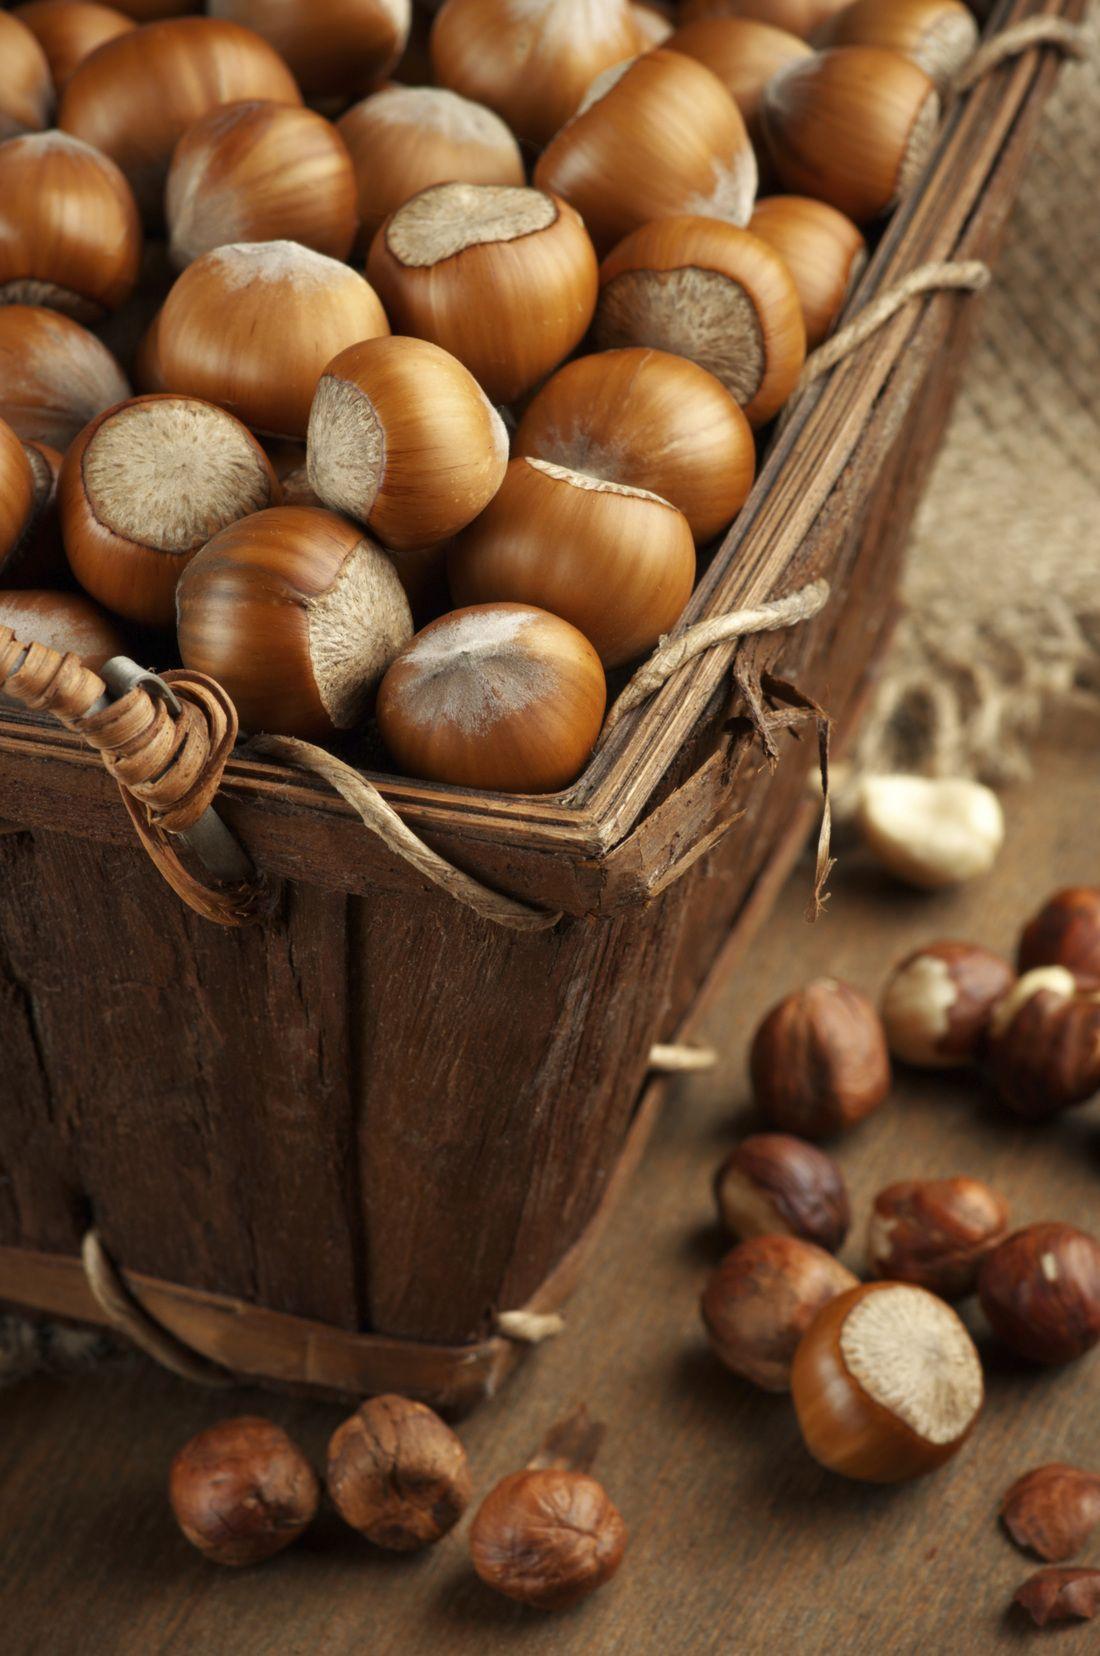 Hazelnuts in their shells decadent chocolate hazelnut food